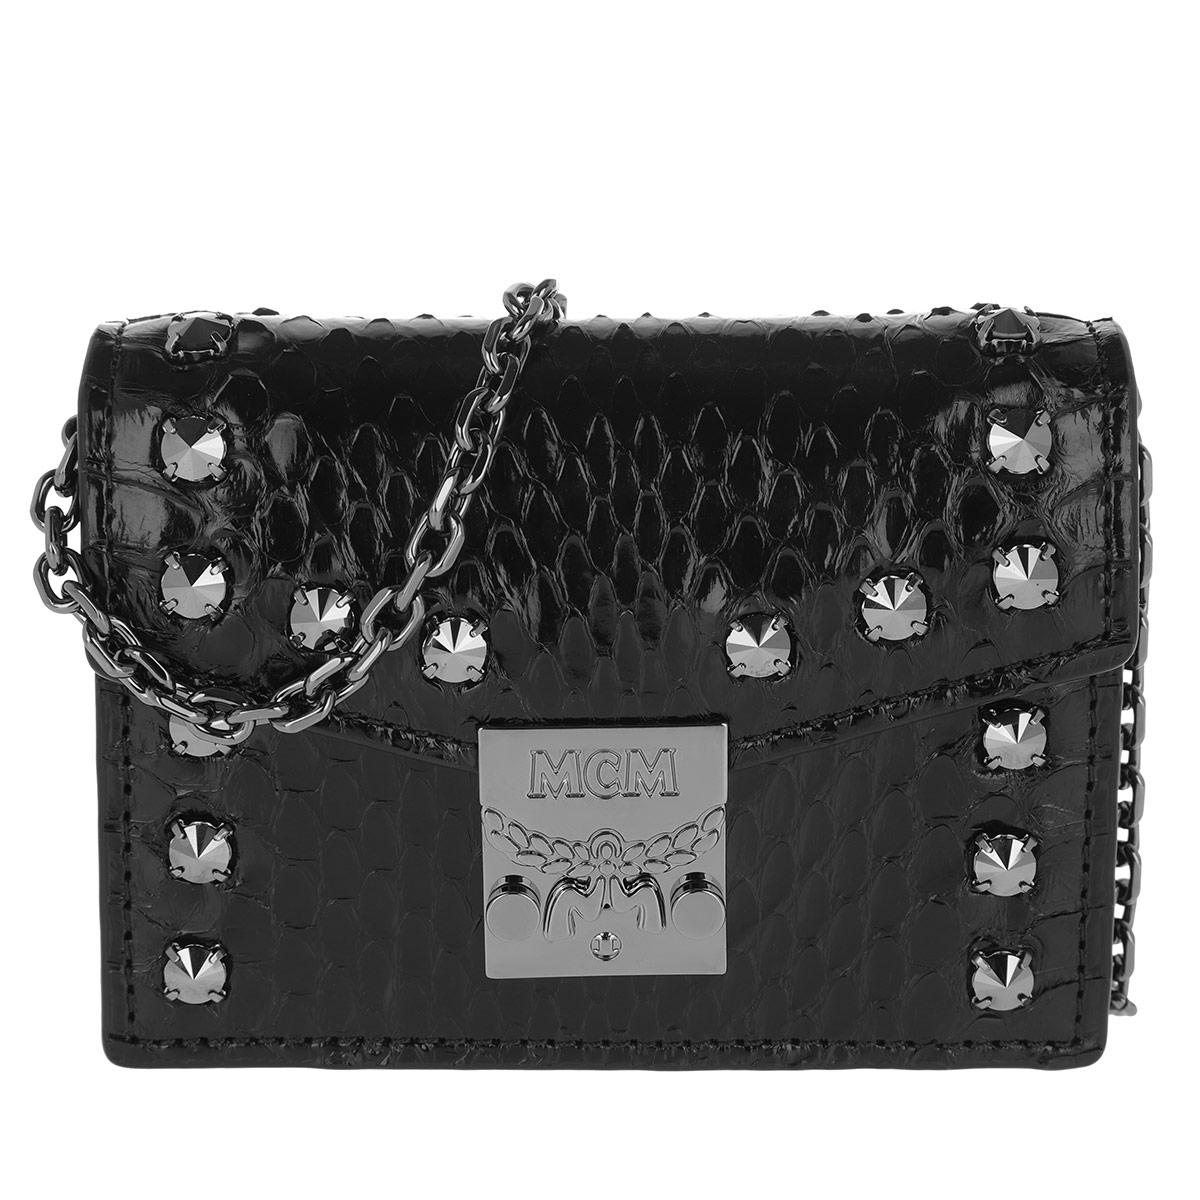 MCM Portemonnaie - Patricia Card Wallet Black - in schwarz - für Damen